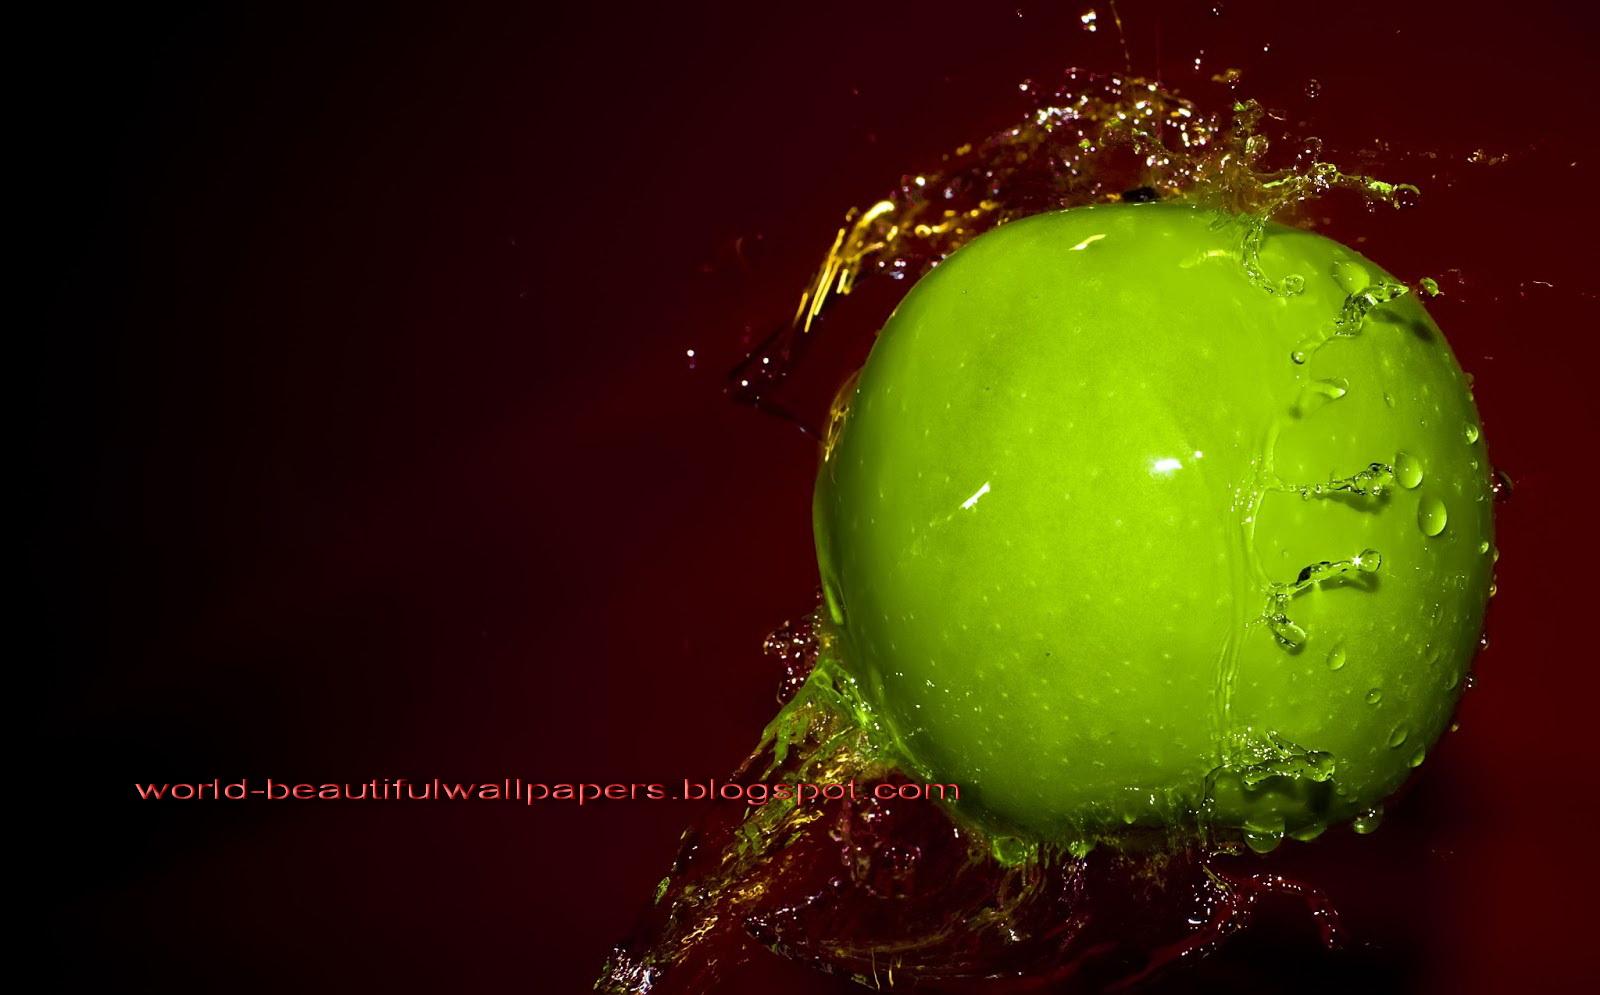 image 3d fruit desktop - photo #19